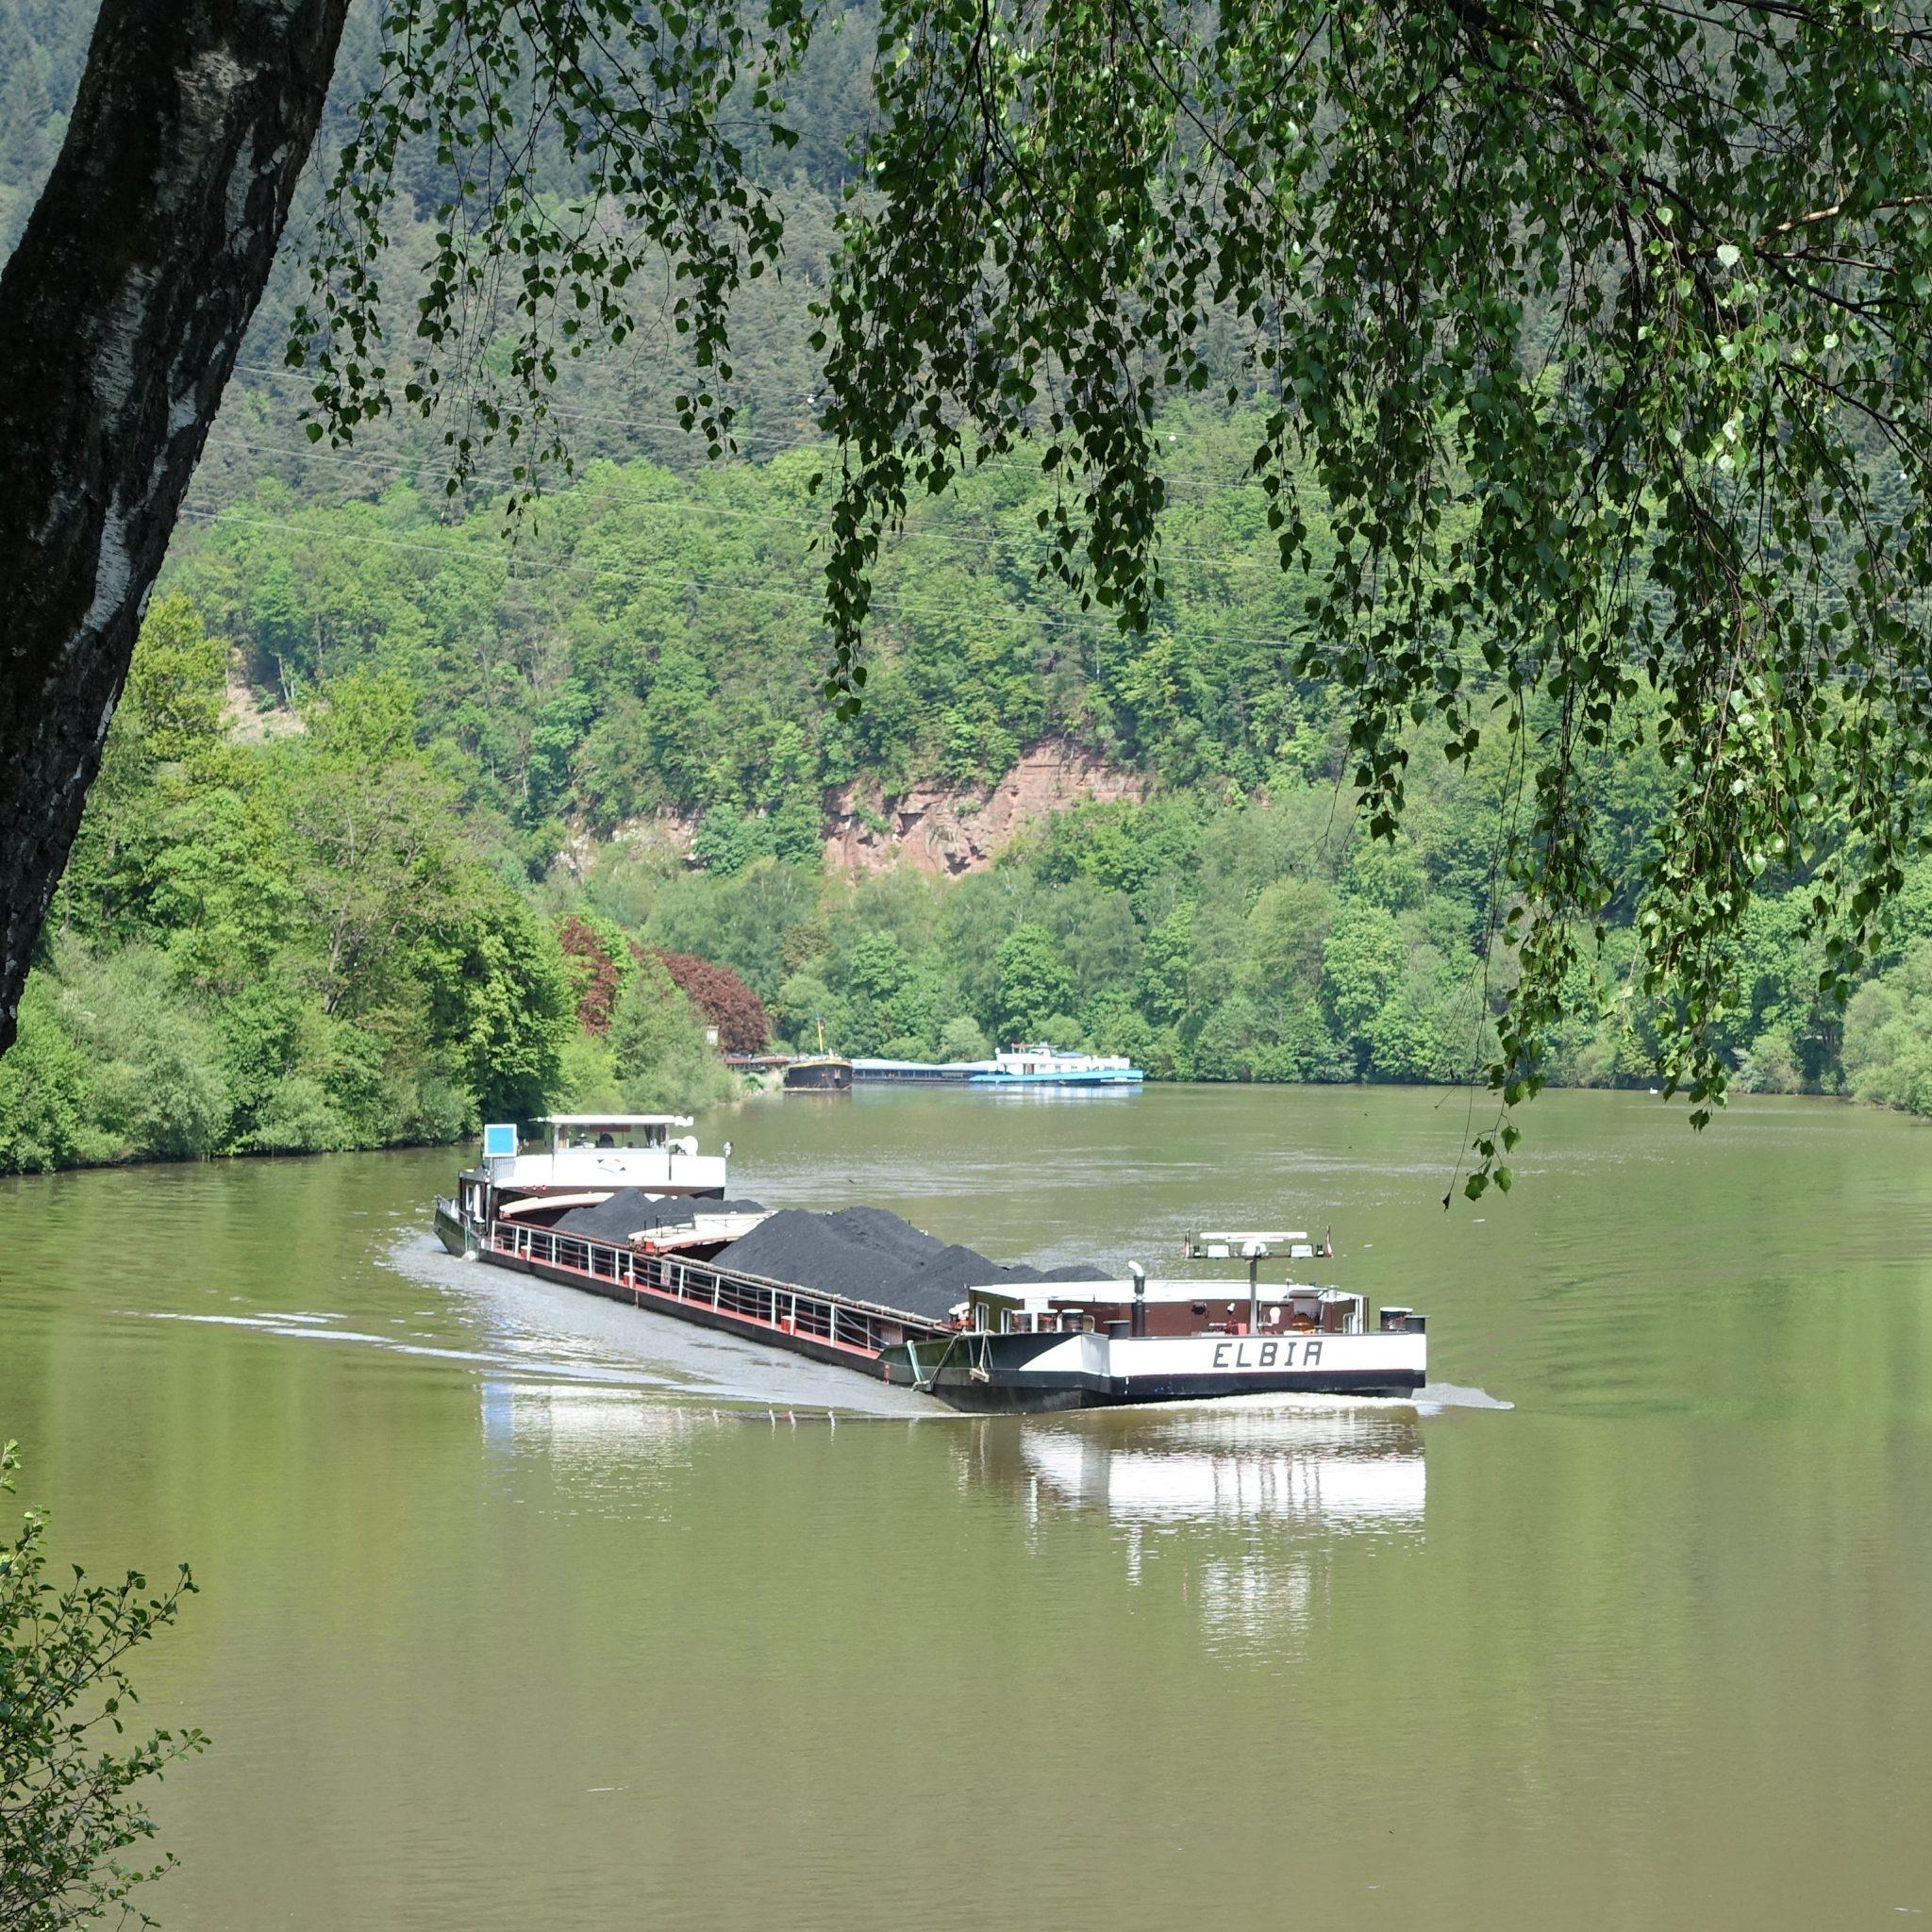 Vrachtschip op de rivier de Neckar, ter hoogte van Hirschhorn. (Foto Franzfoto/Wikimedia)